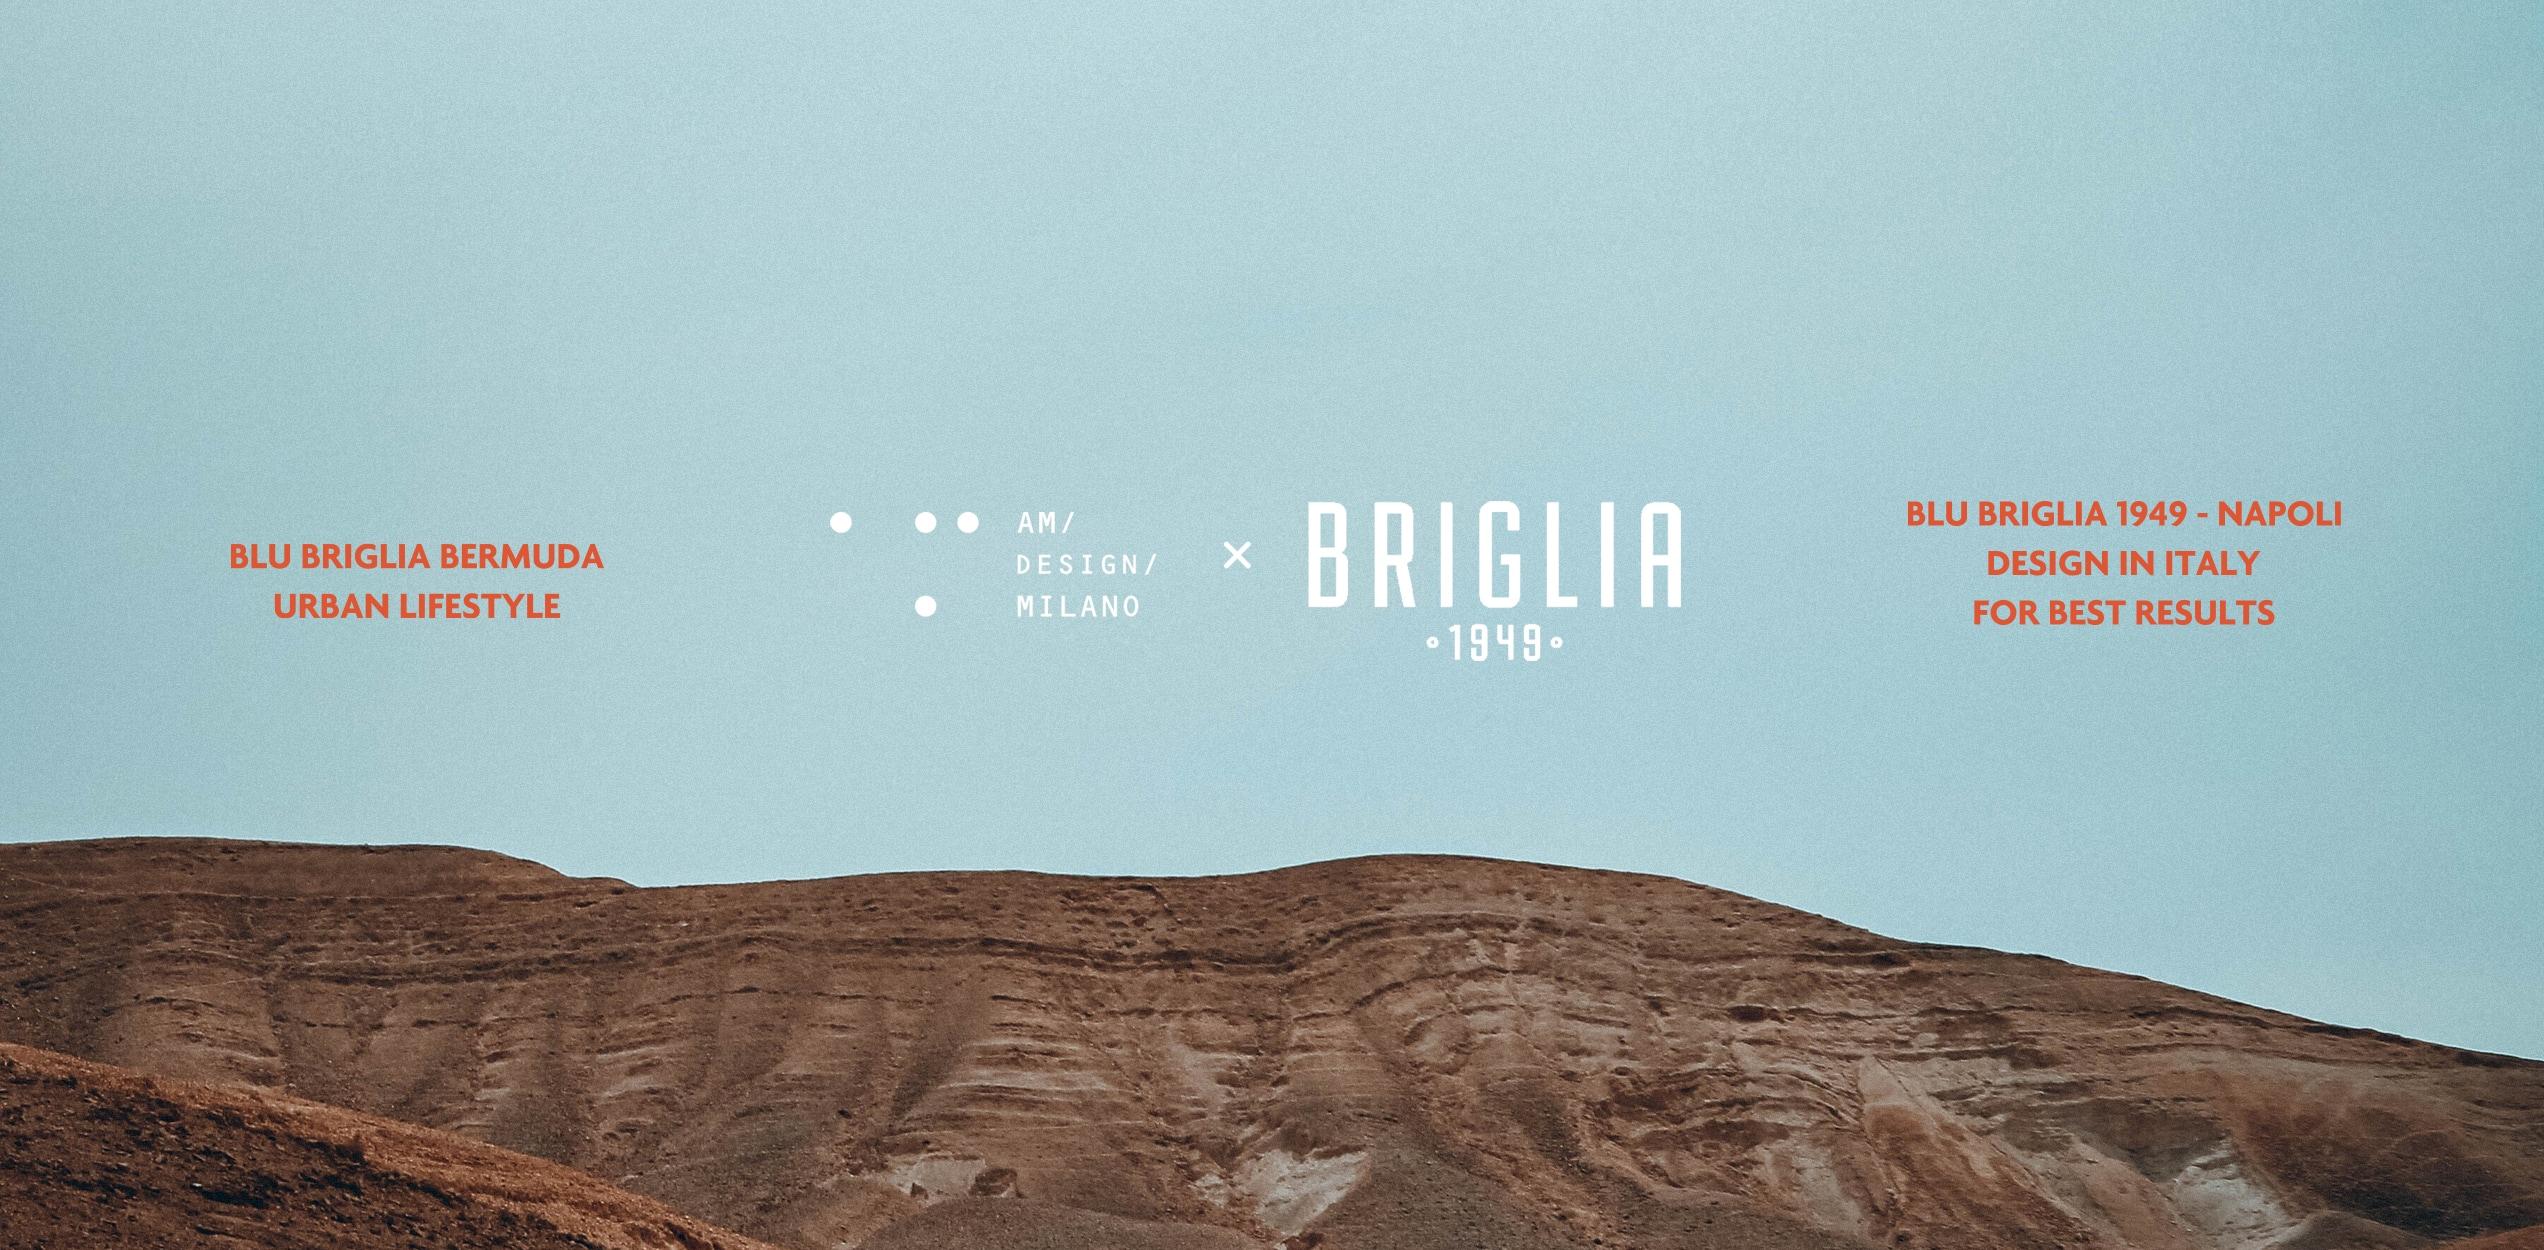 Andrea Busnelli Fashion Graphic Designer AM Design Briglia copia